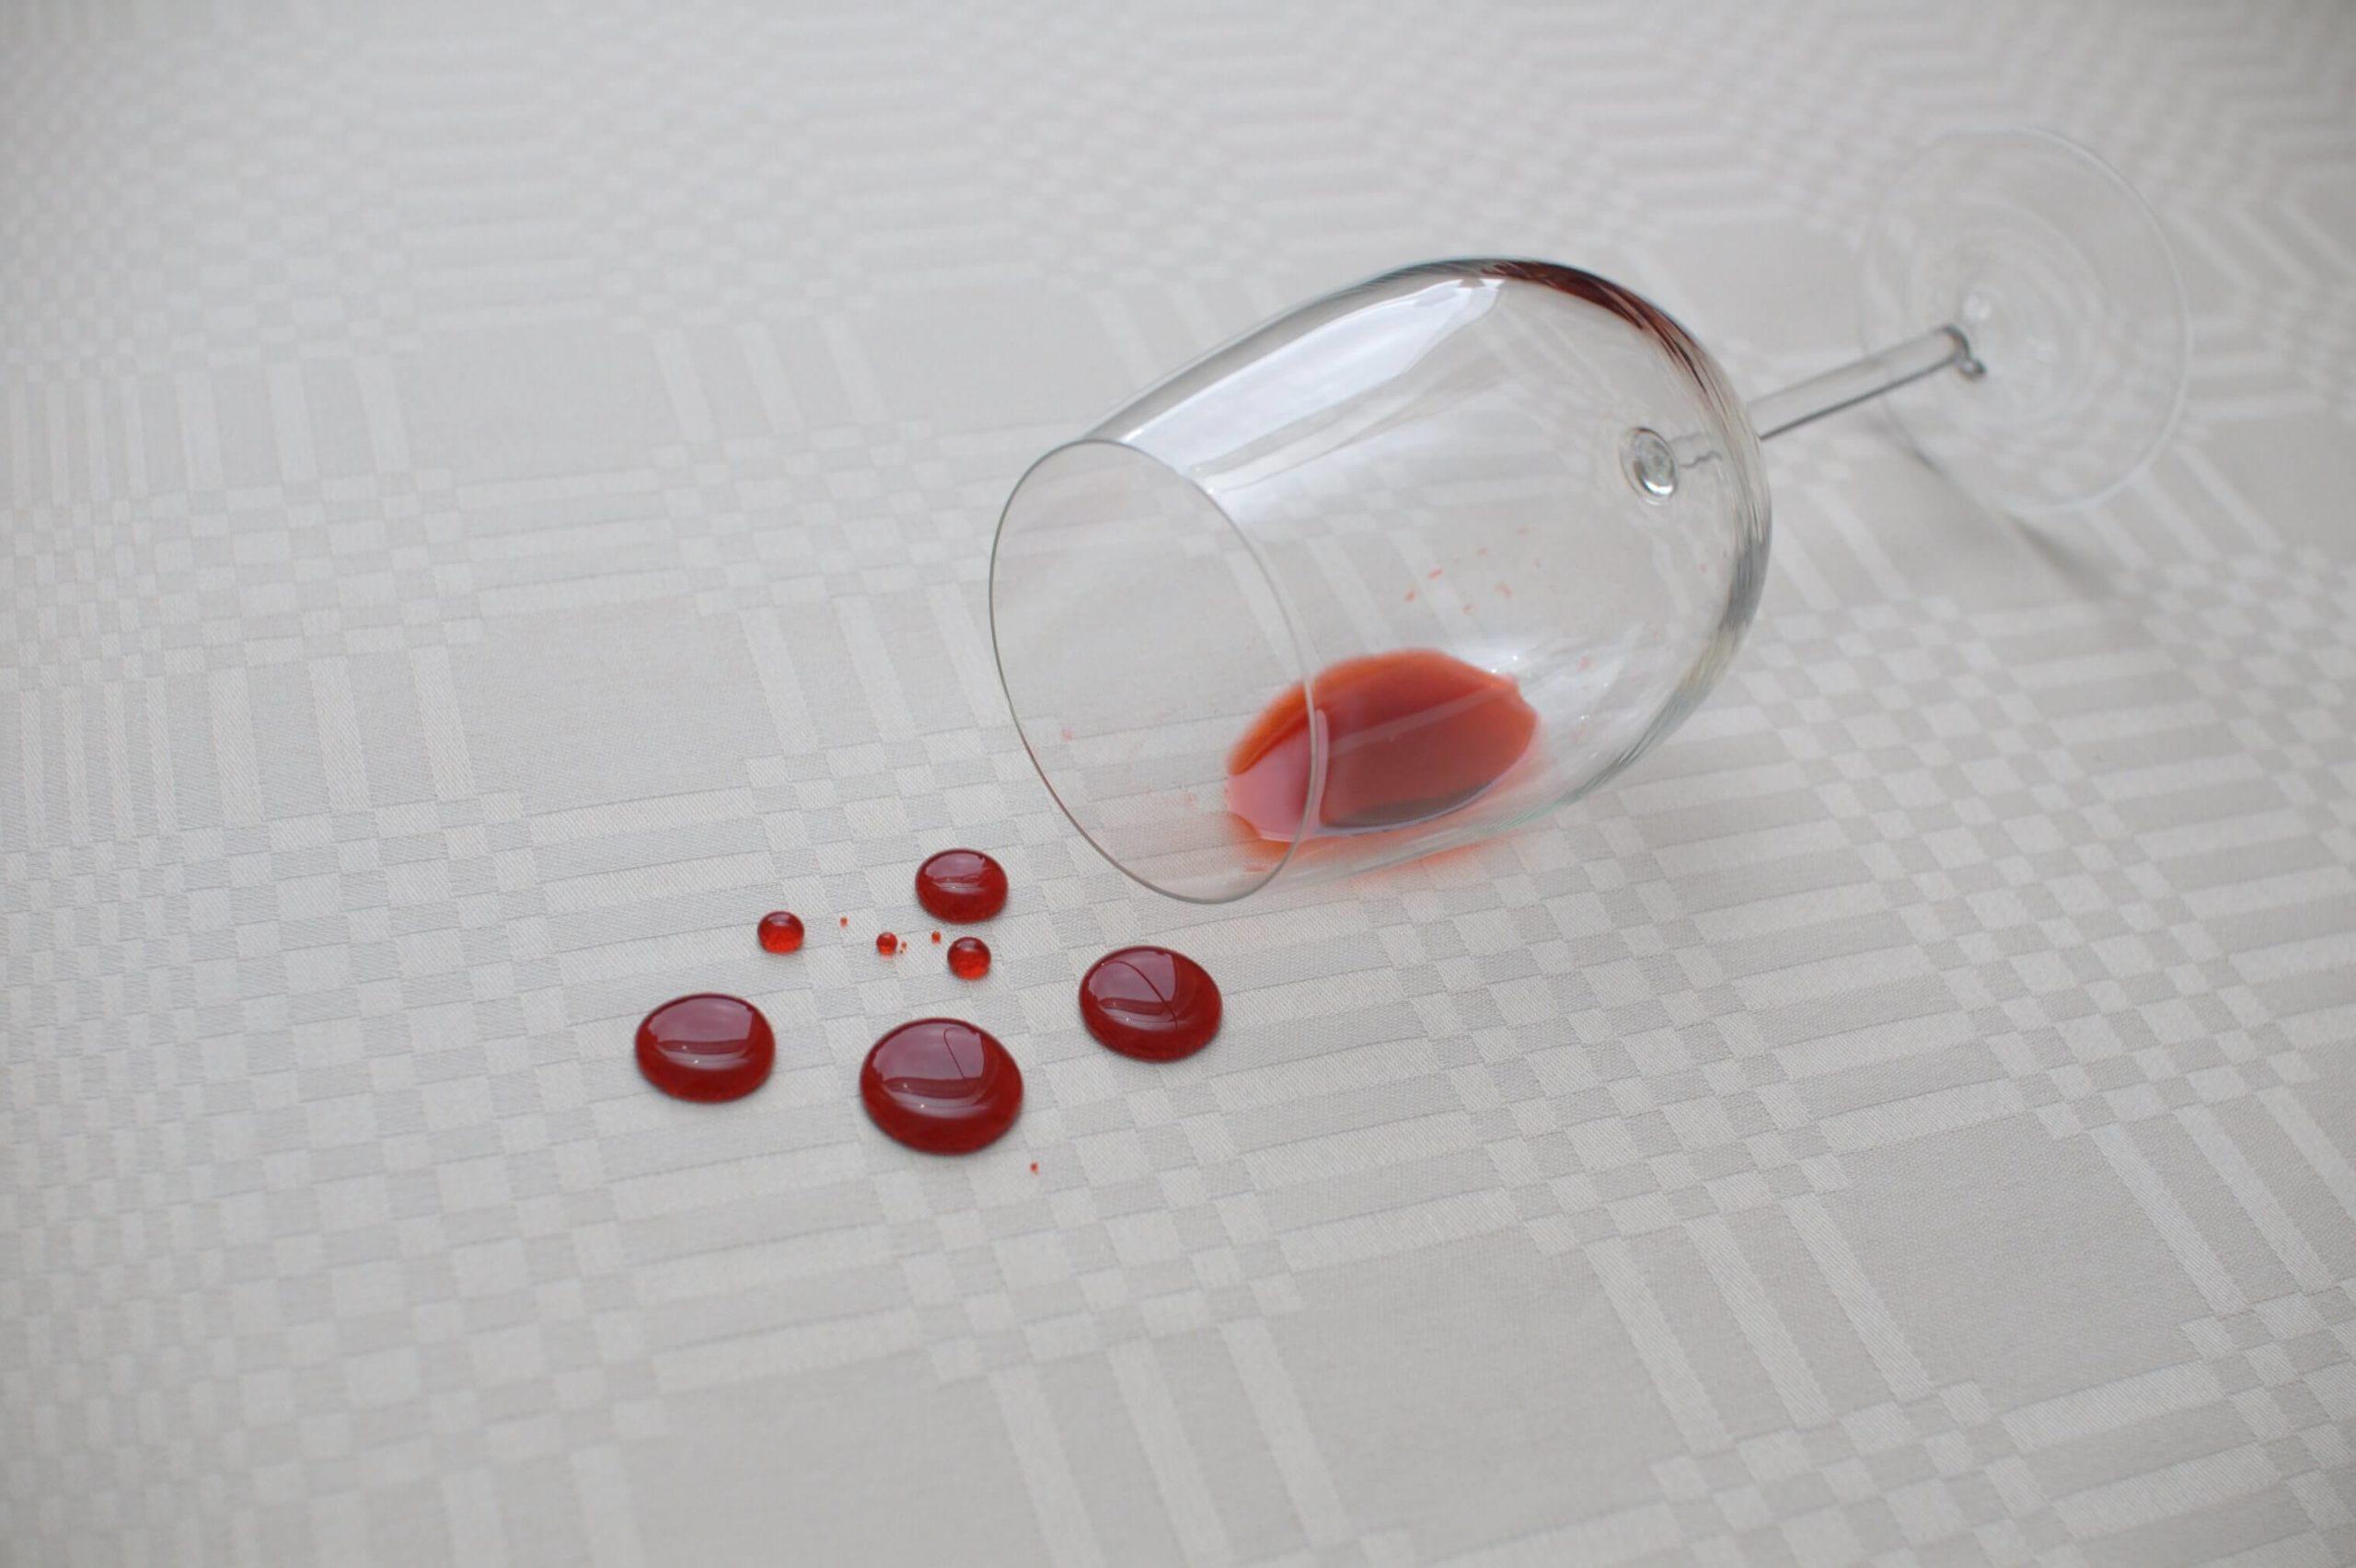 yir-spilled-wine